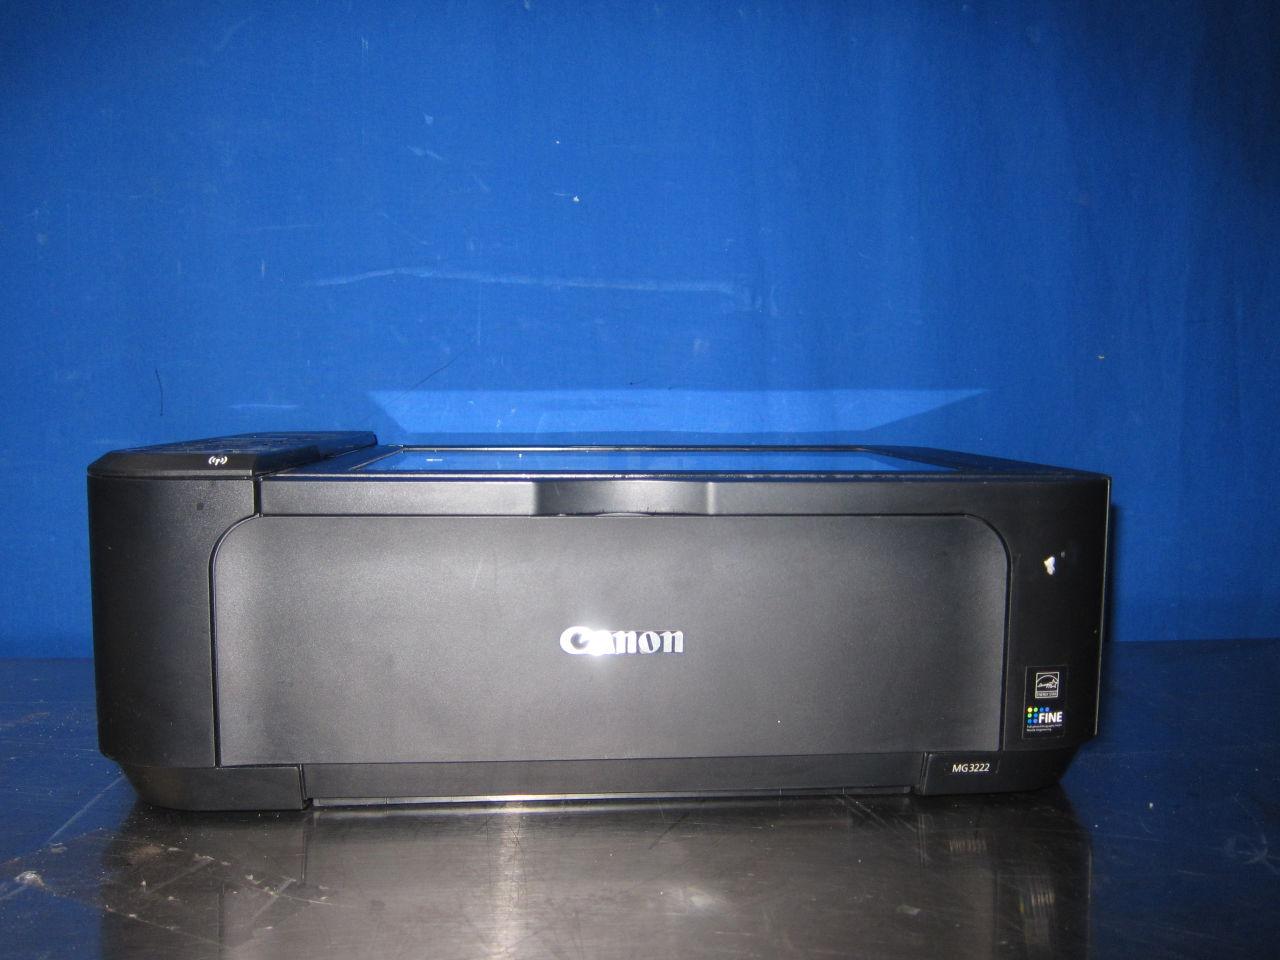 CANON K10381 Printer